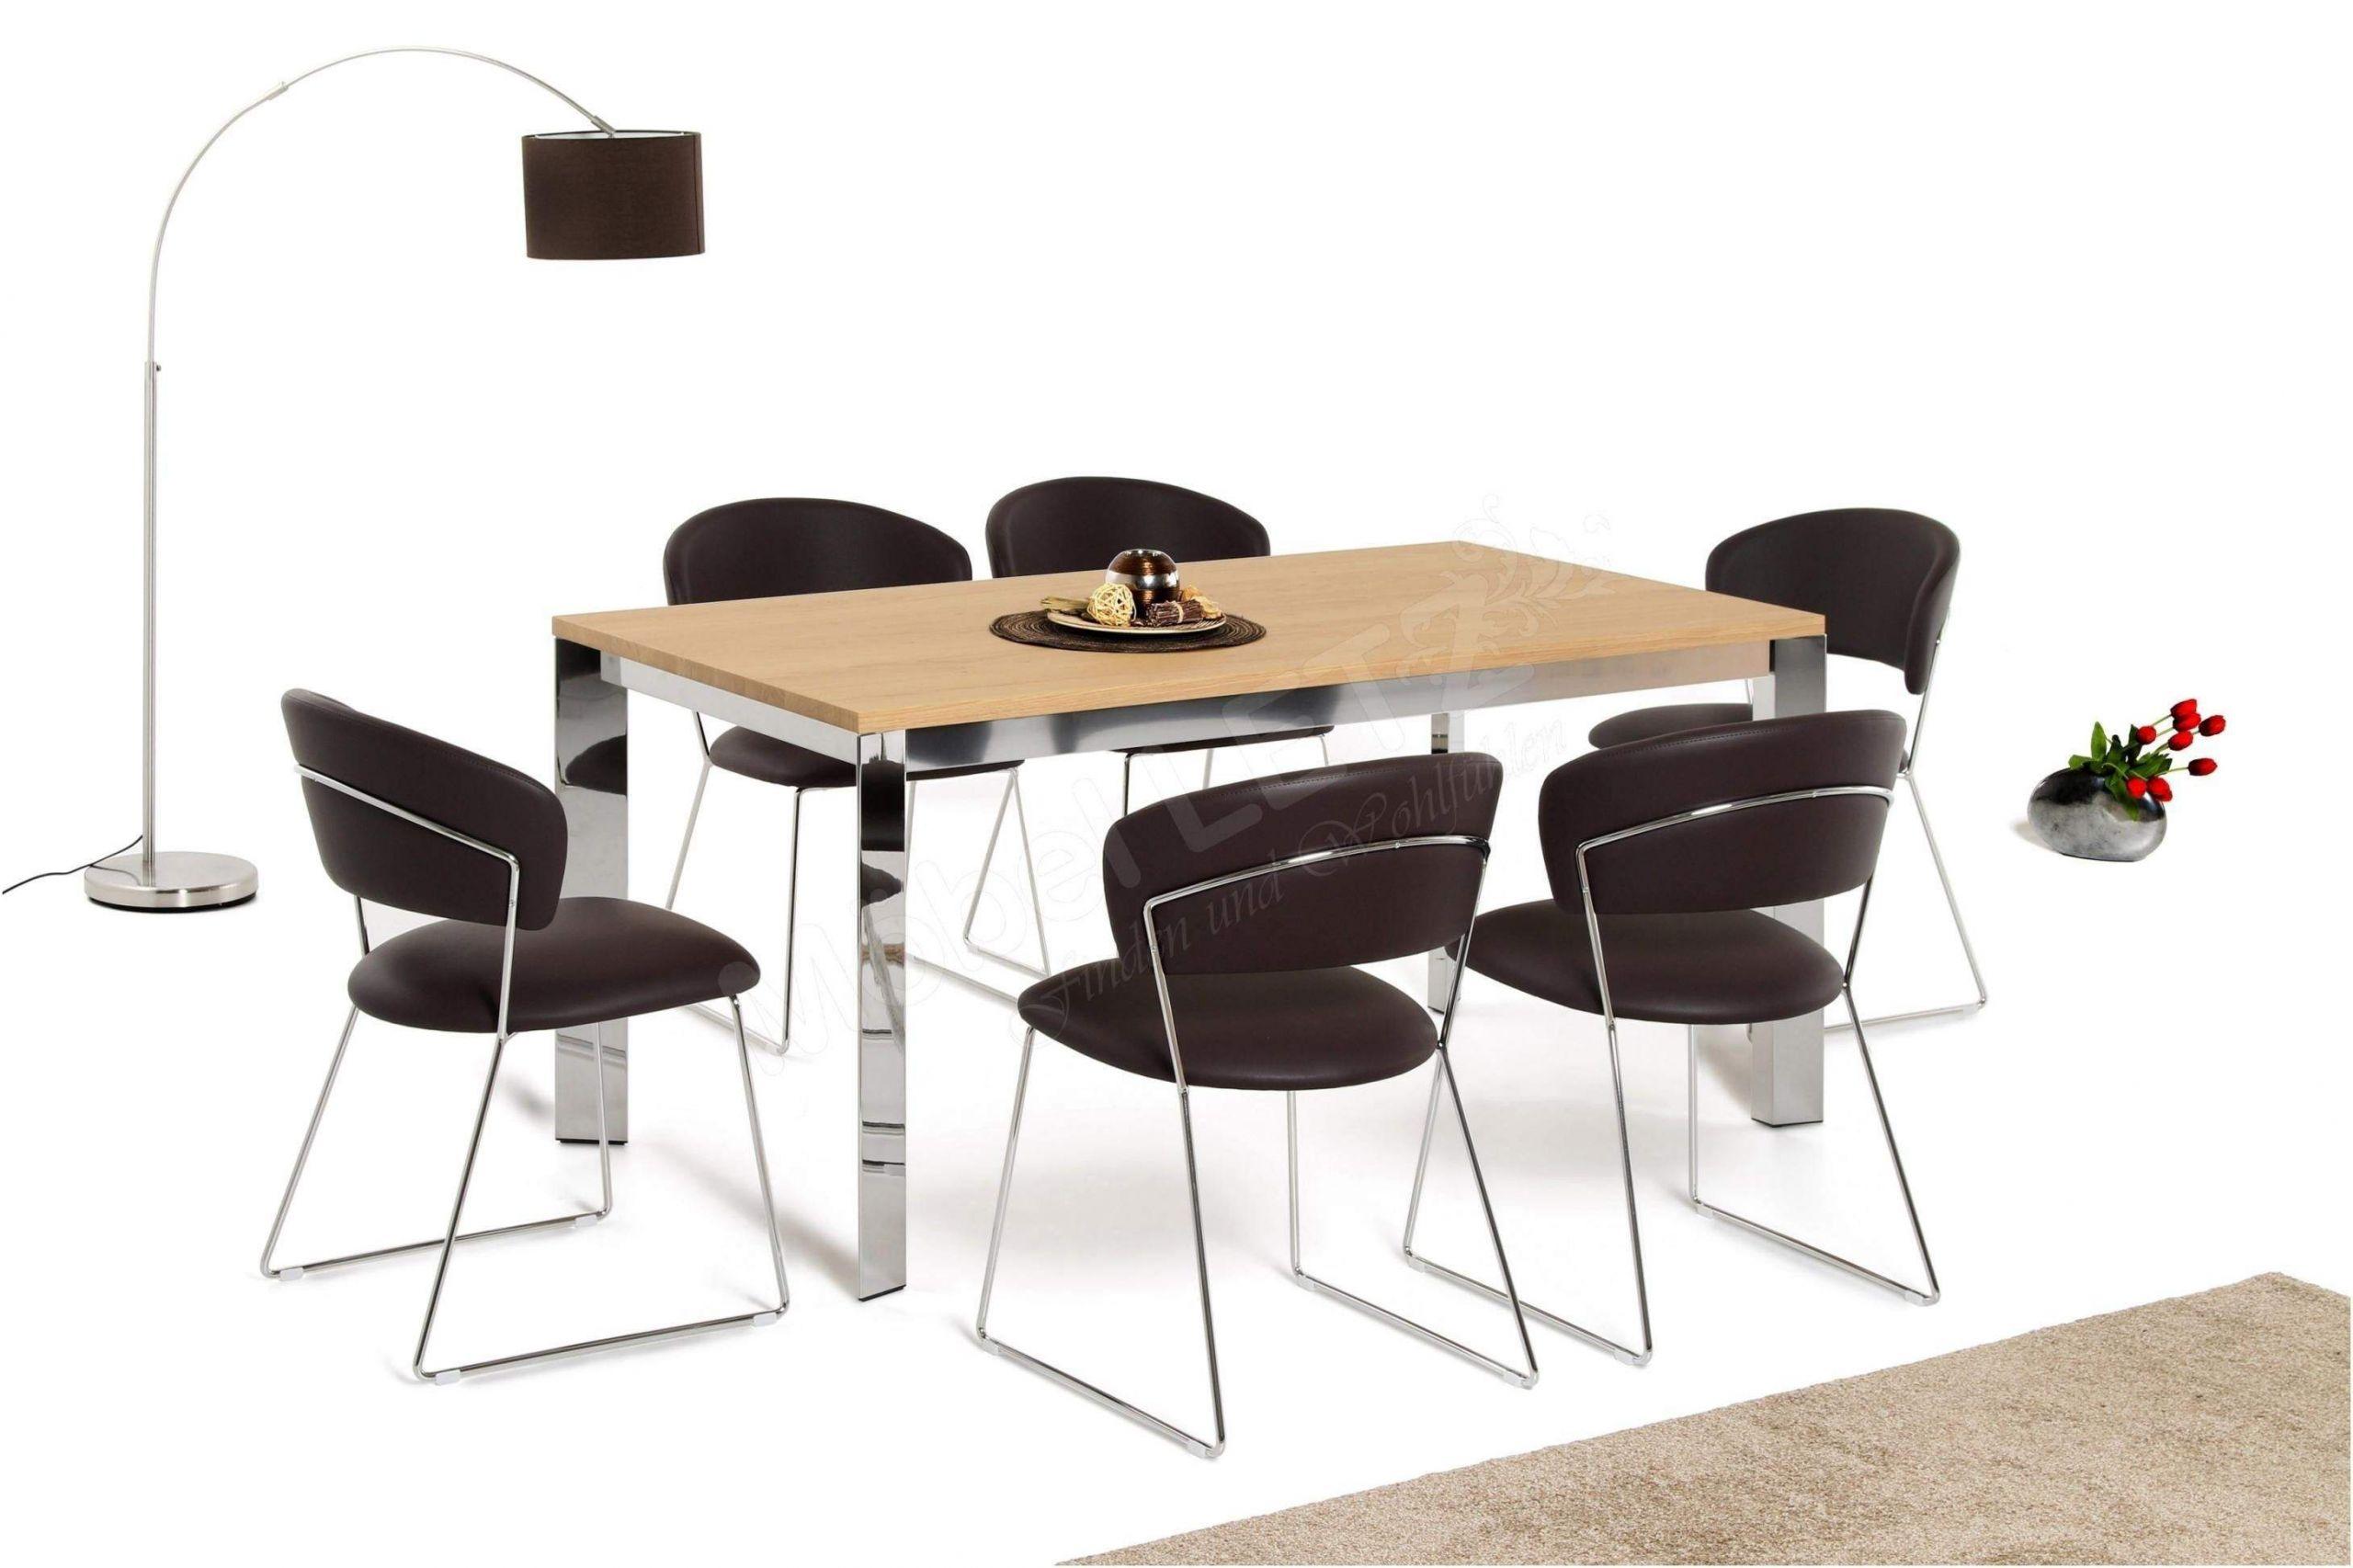 otto tisch und stuhle esstisch eiche metall elegant calligaris tisch 0d archives design otto tisch und stuhle